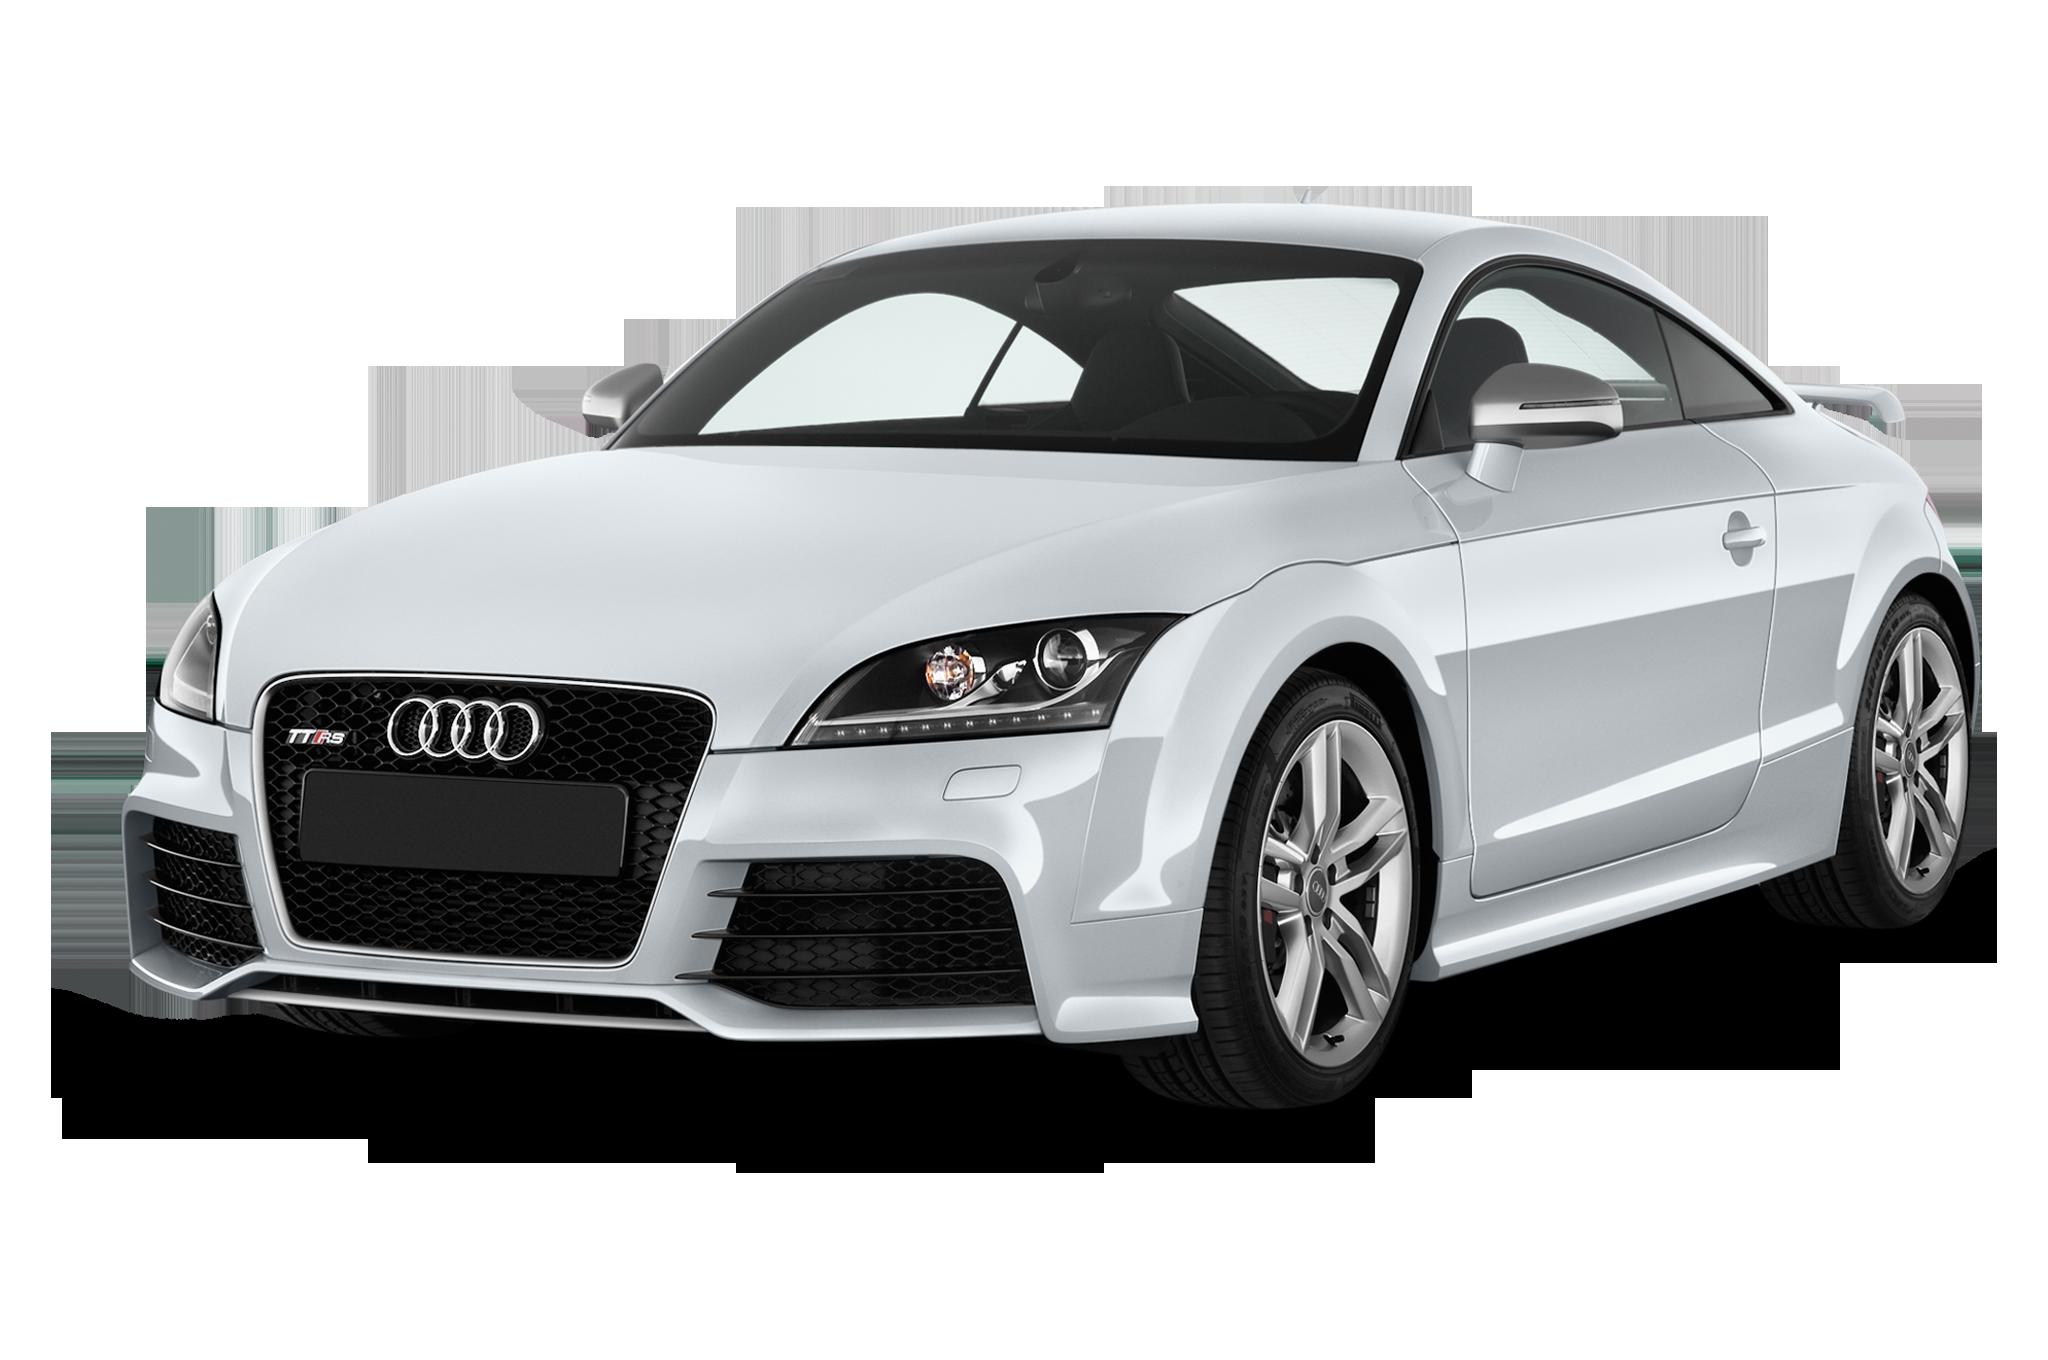 Audi TT (06-)